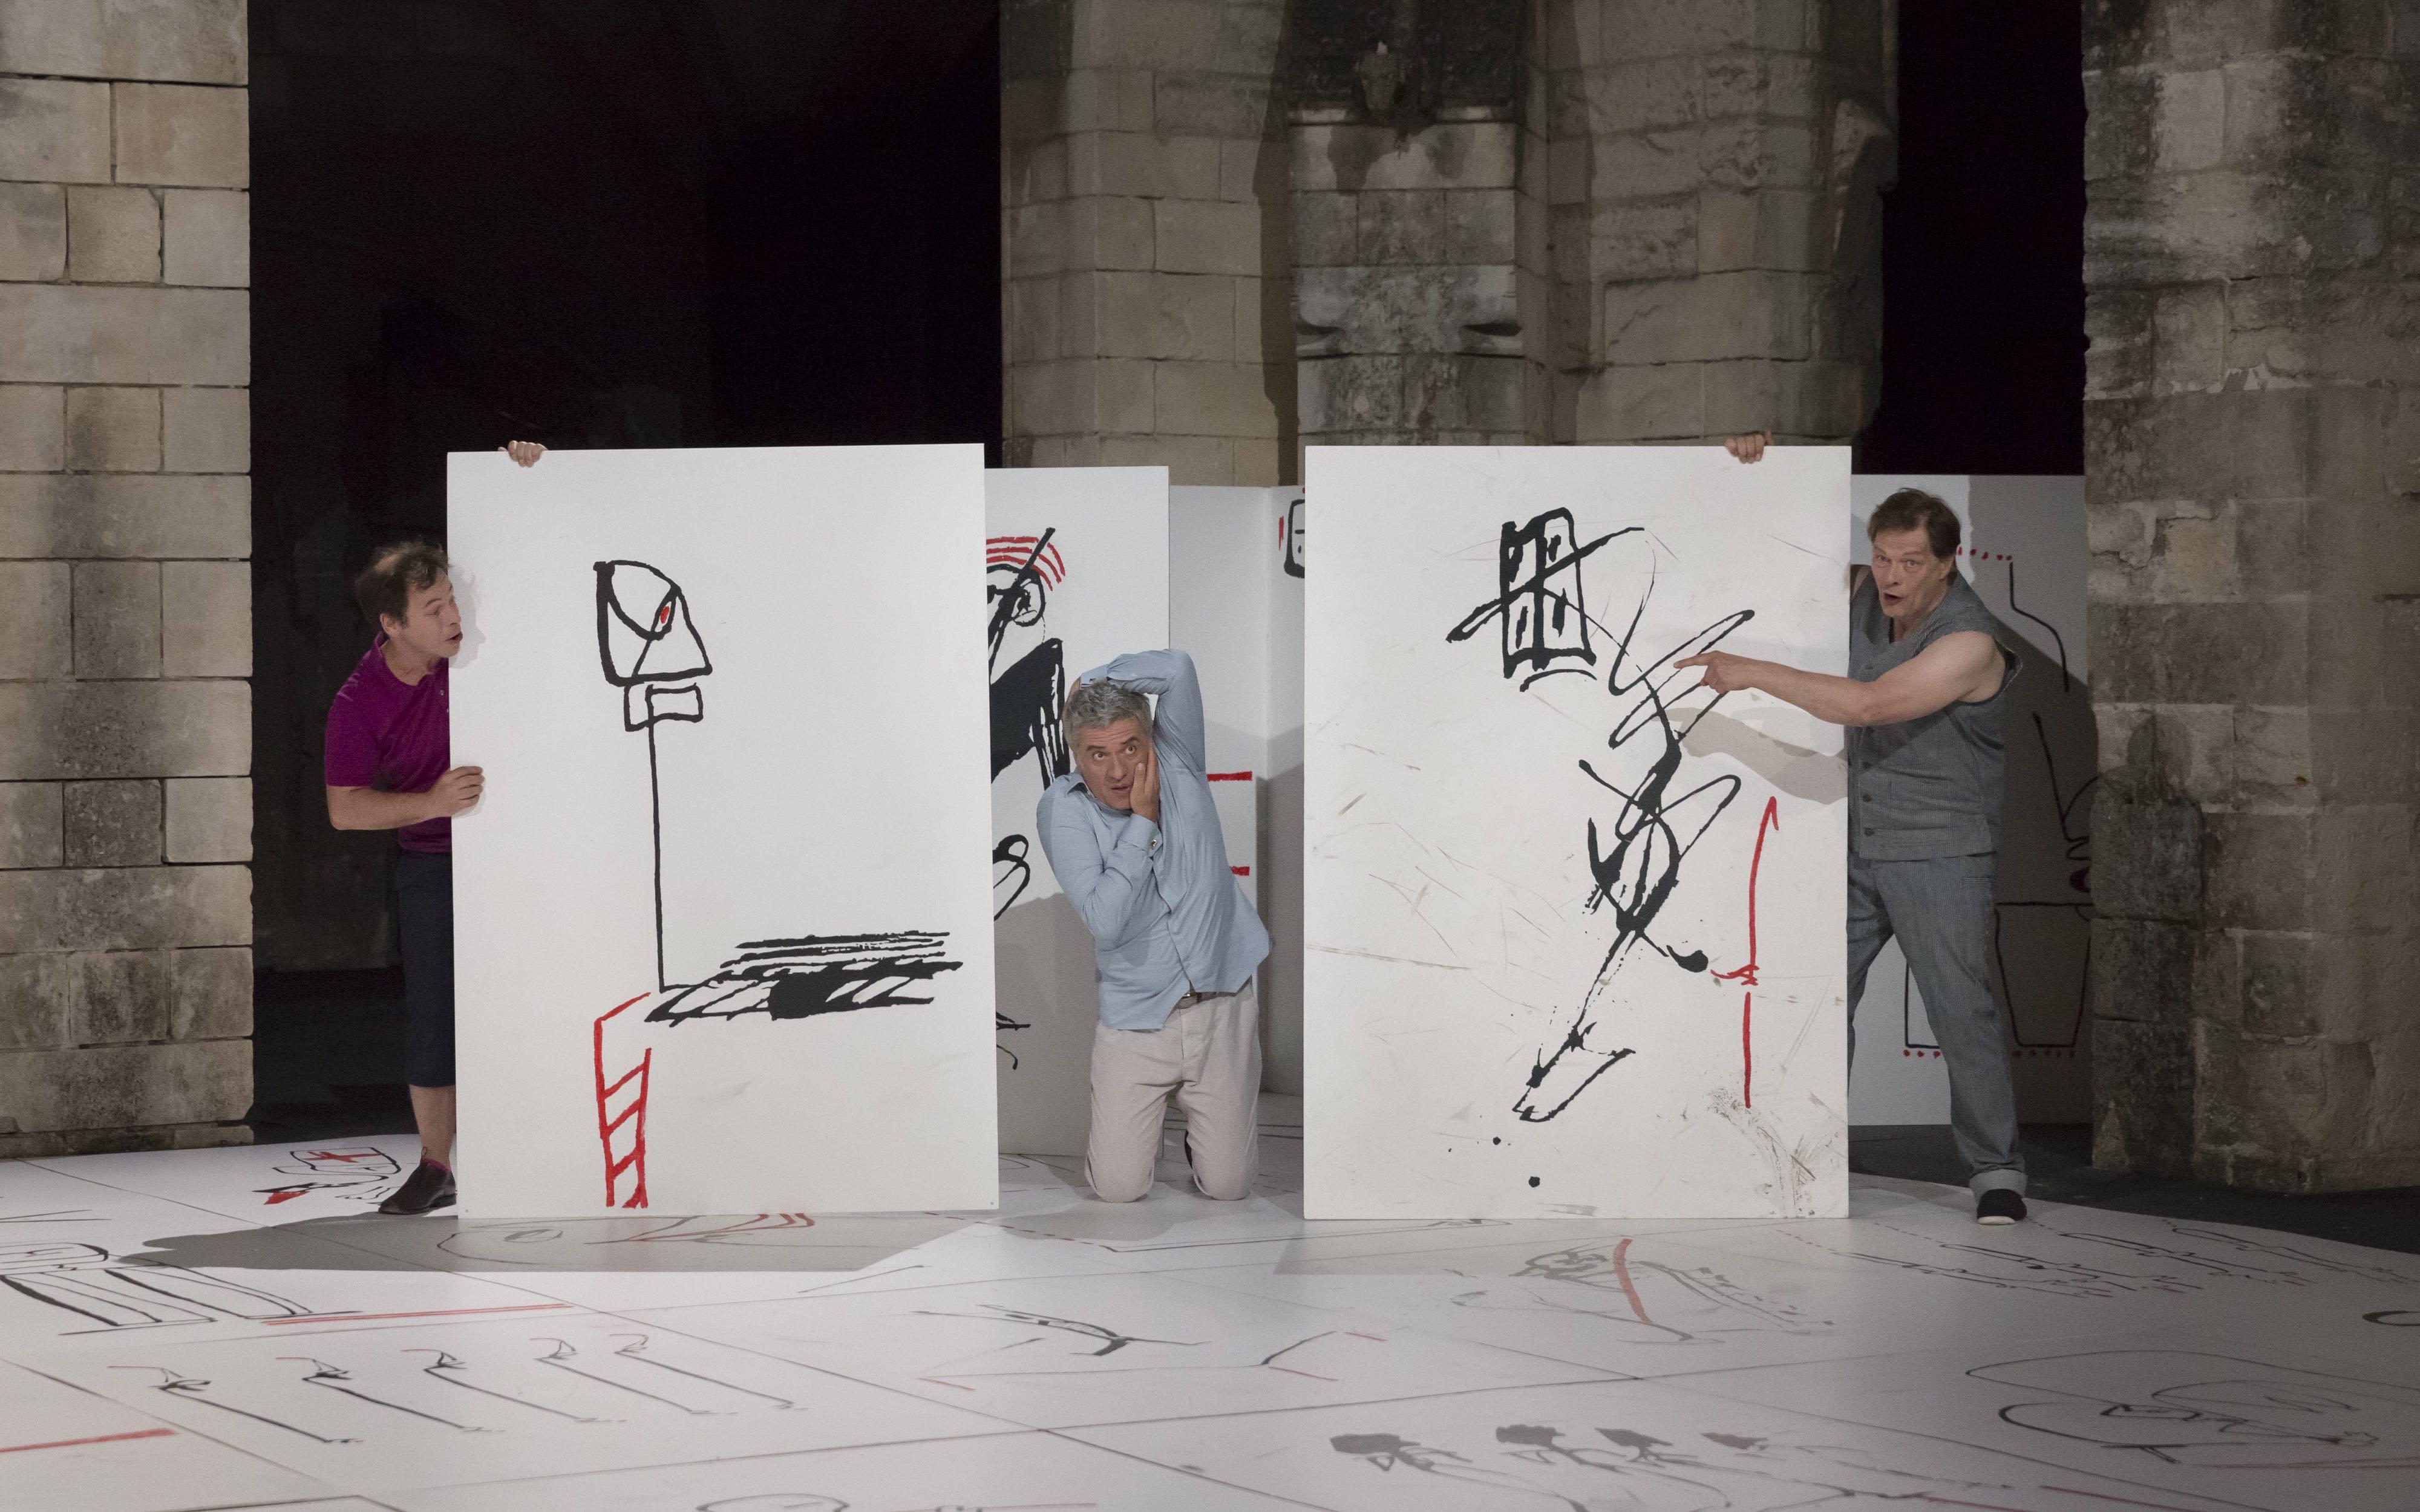 valere novarina, theatre 71, agnes sourdillon, claire sermonne, metatheatre, langage, poetique, corps